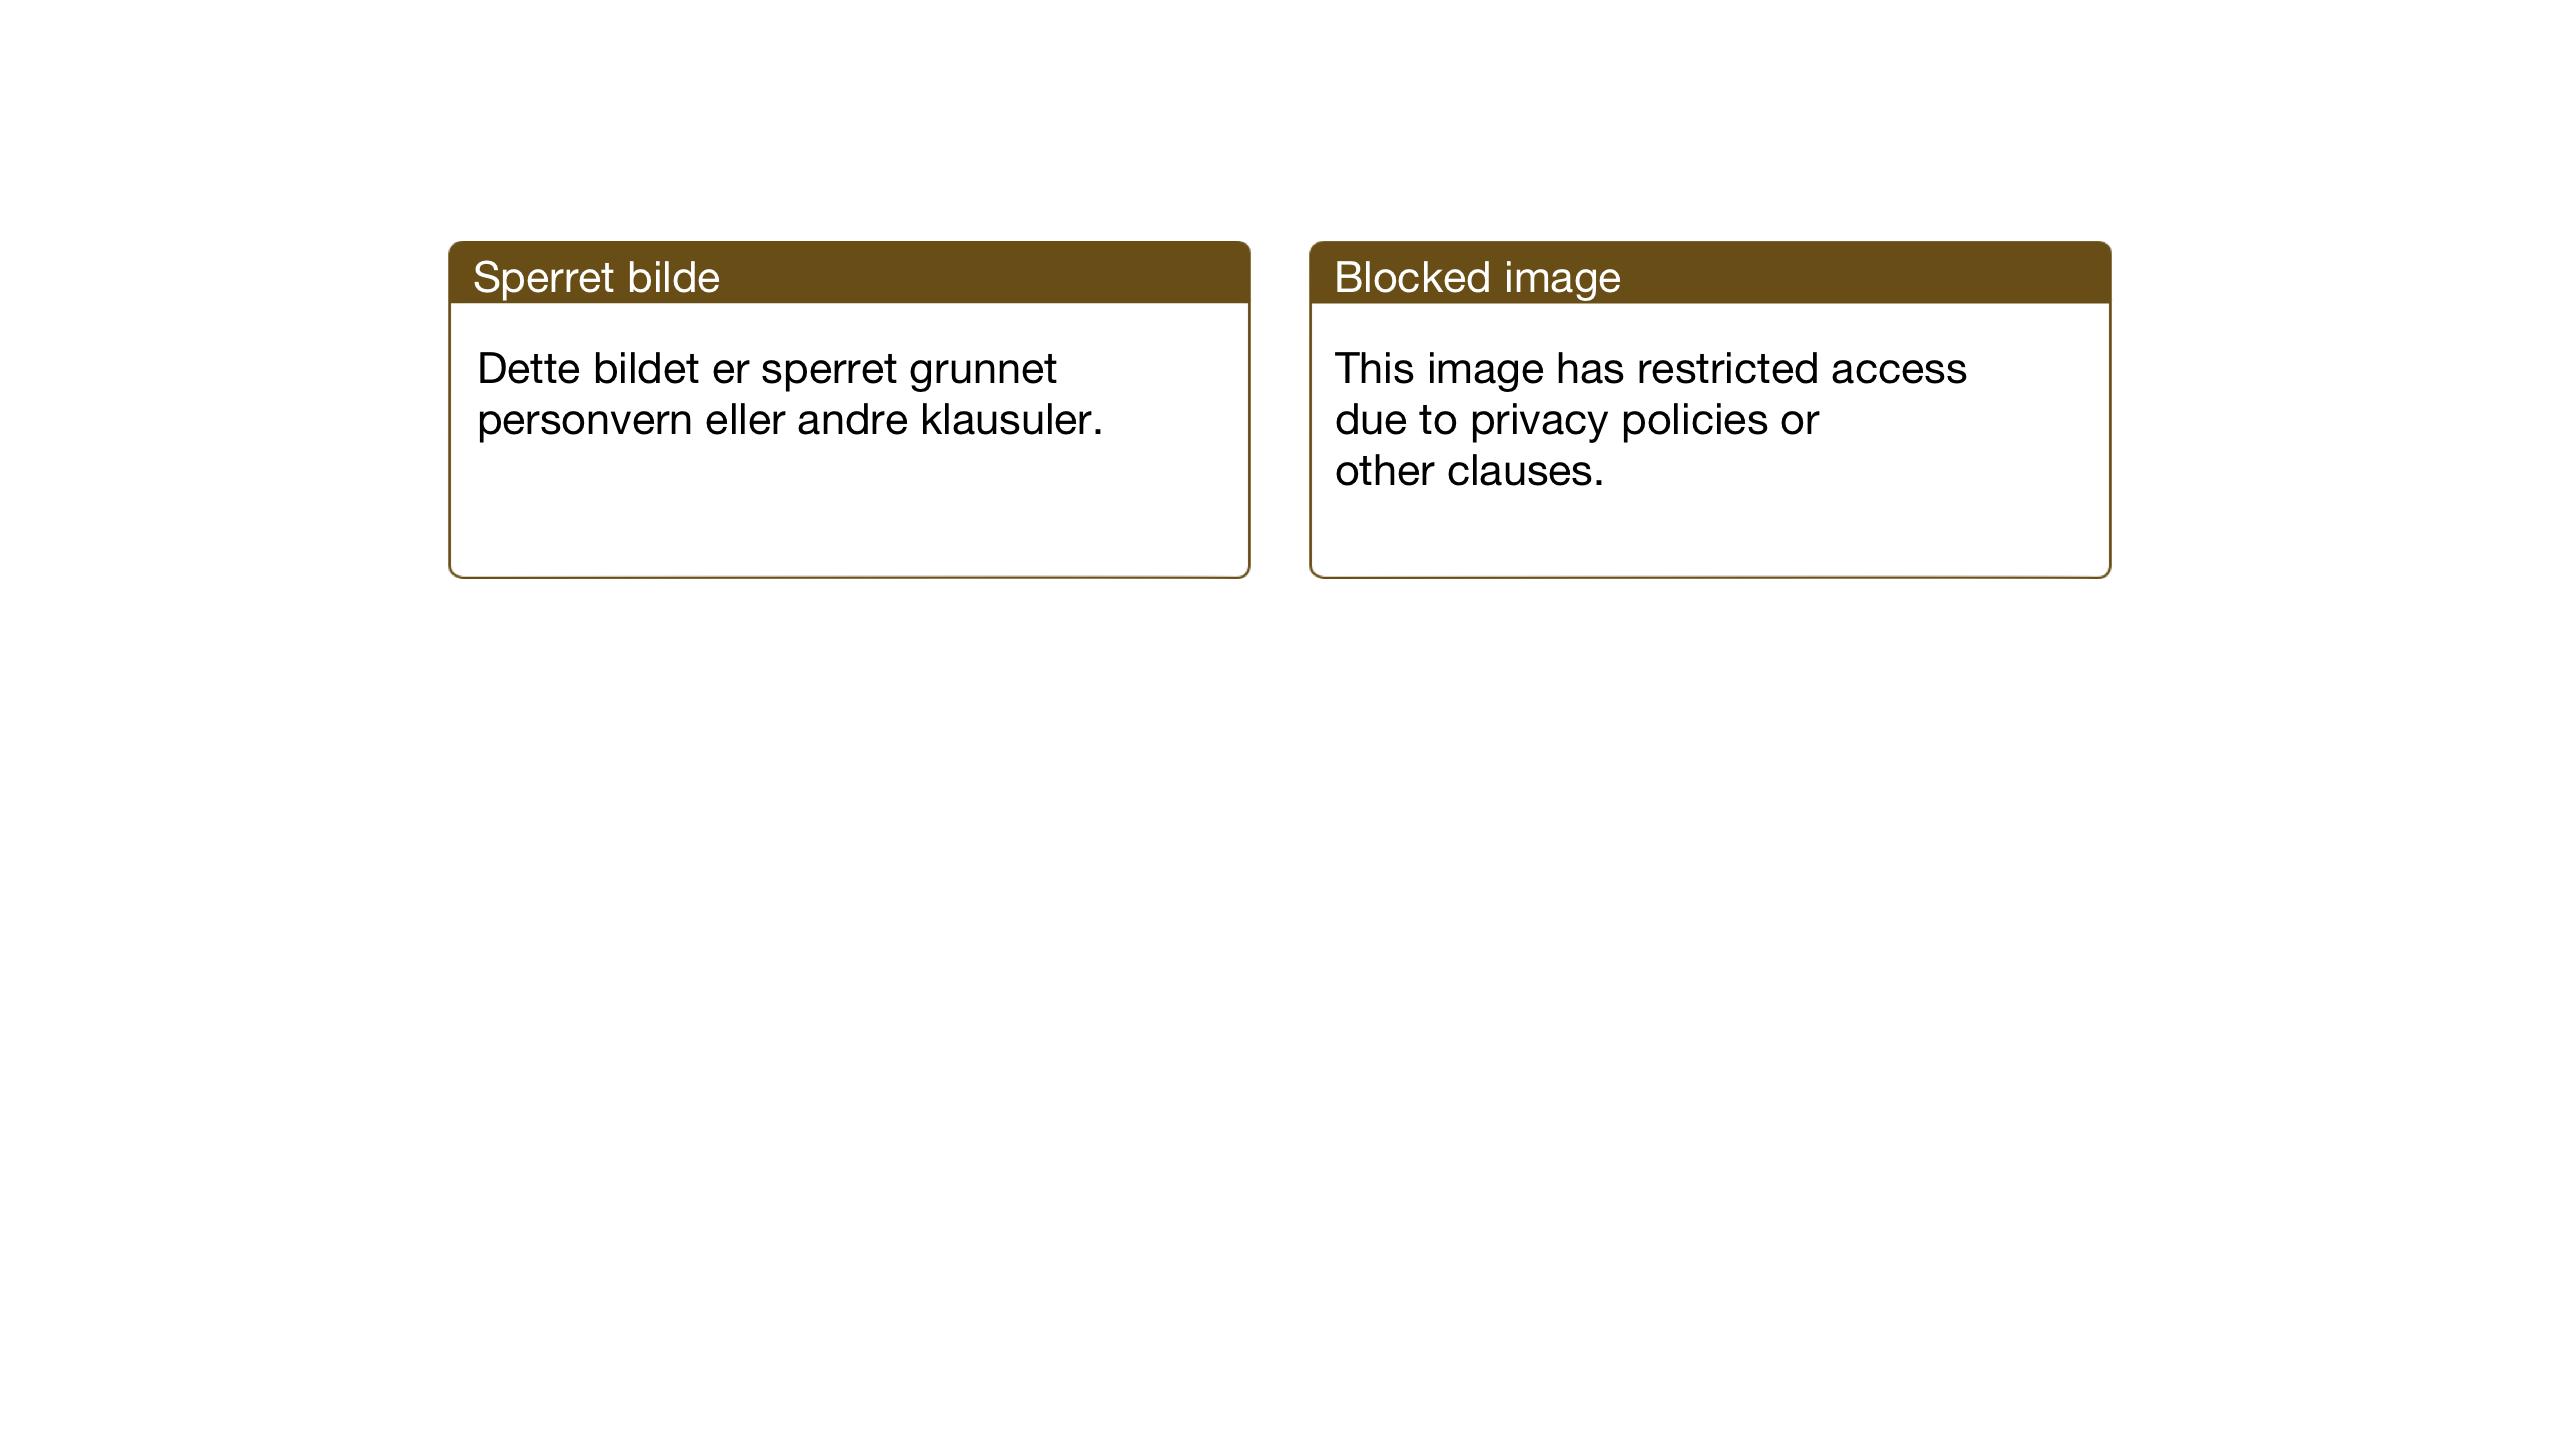 SAT, Ministerialprotokoller, klokkerbøker og fødselsregistre - Nord-Trøndelag, 744/L0425: Klokkerbok nr. 744C04, 1924-1947, s. 16